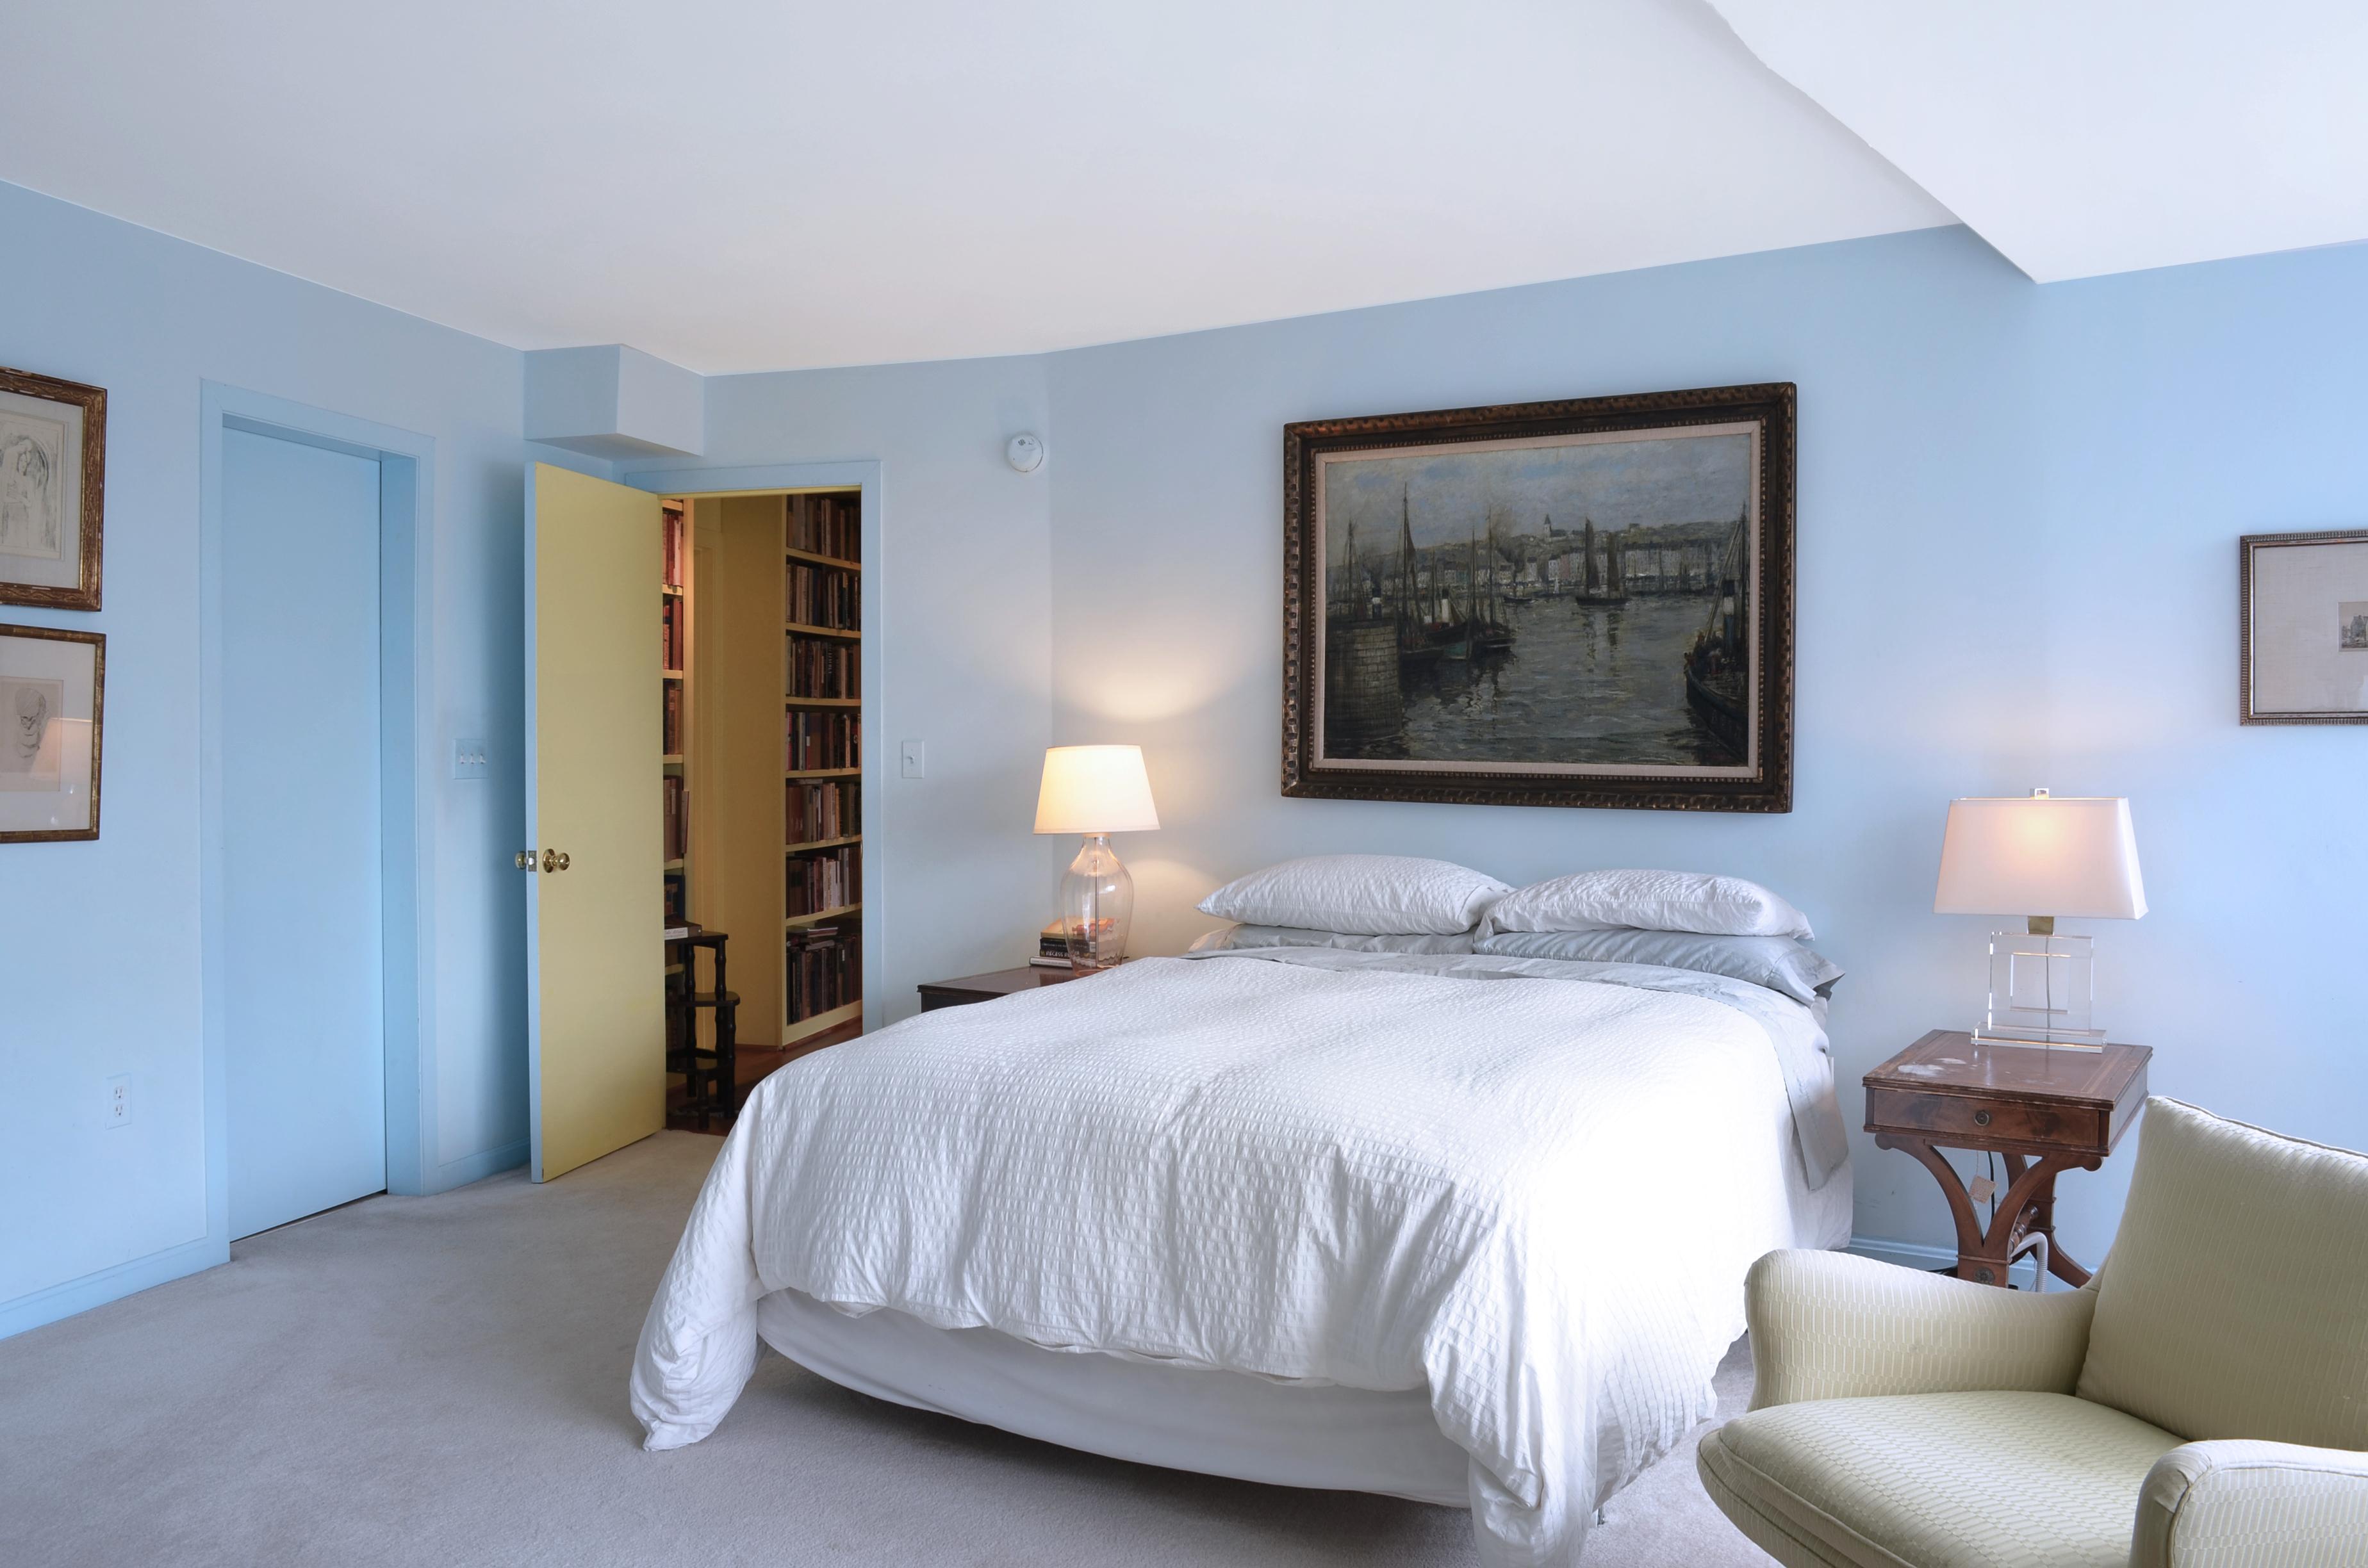 09_Bedroom 1_ret.jpg